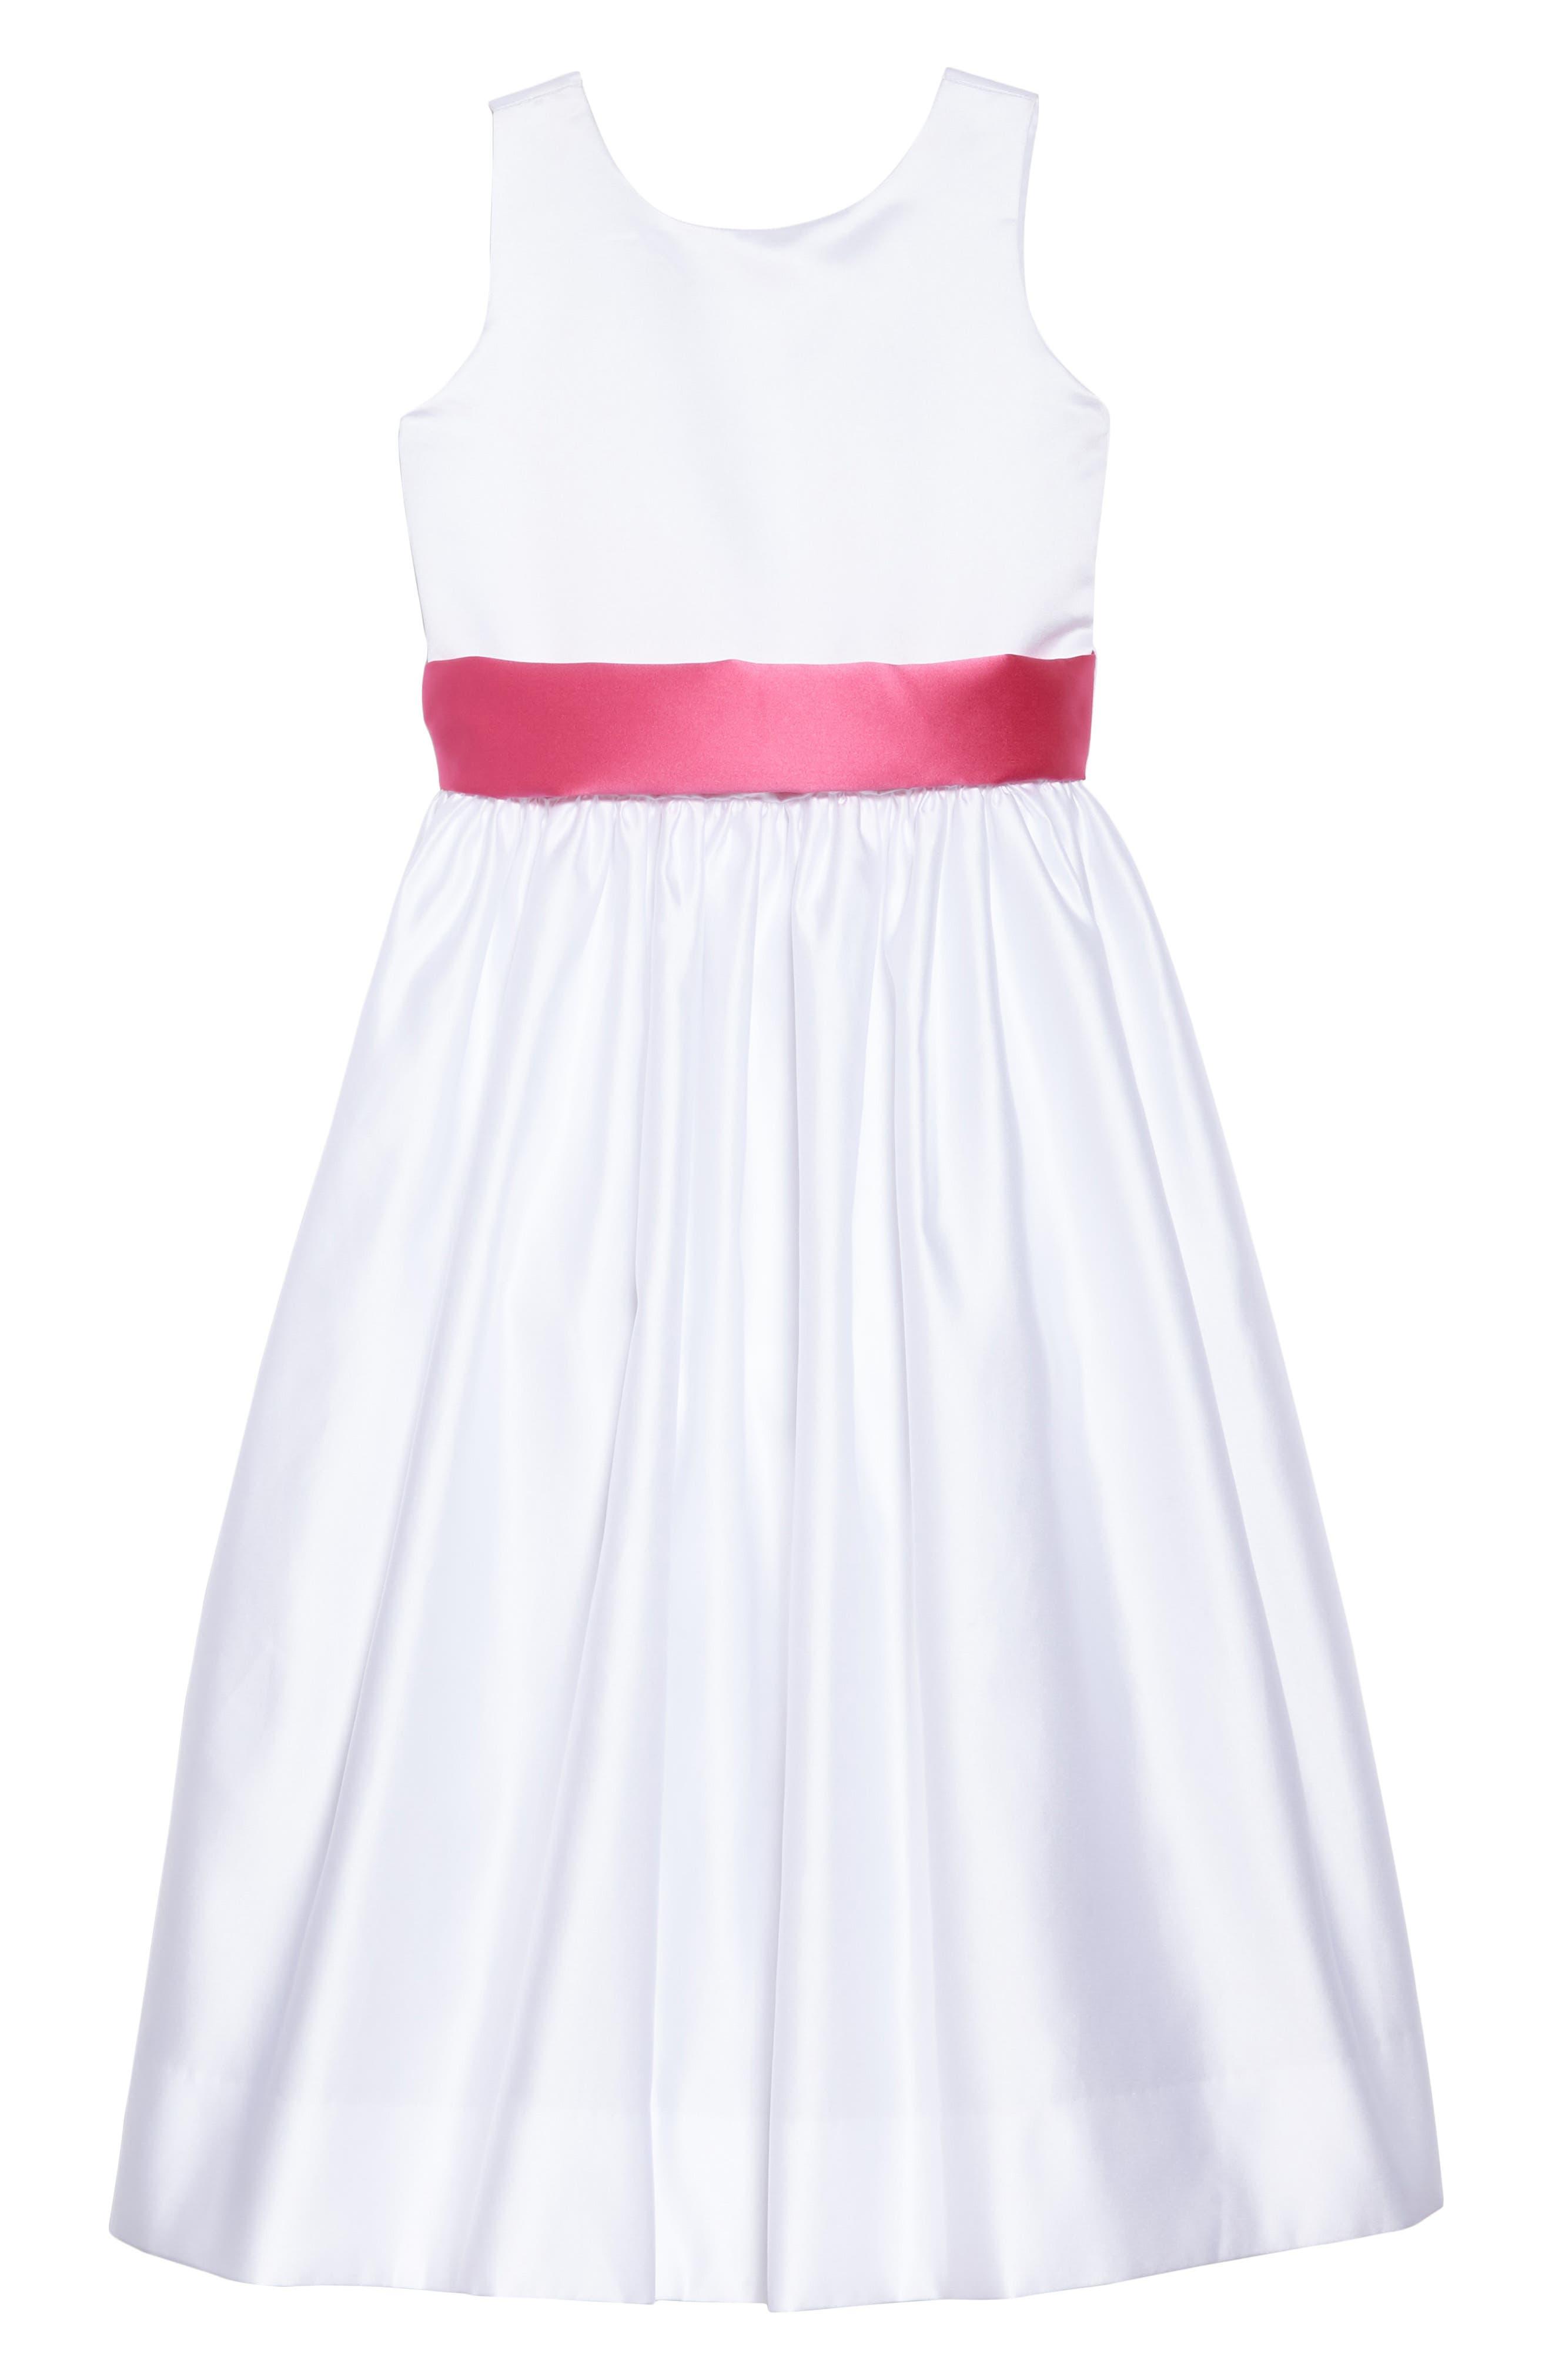 White Tank Dress with Satin Sash,                         Main,                         color, White/ Fuchsia